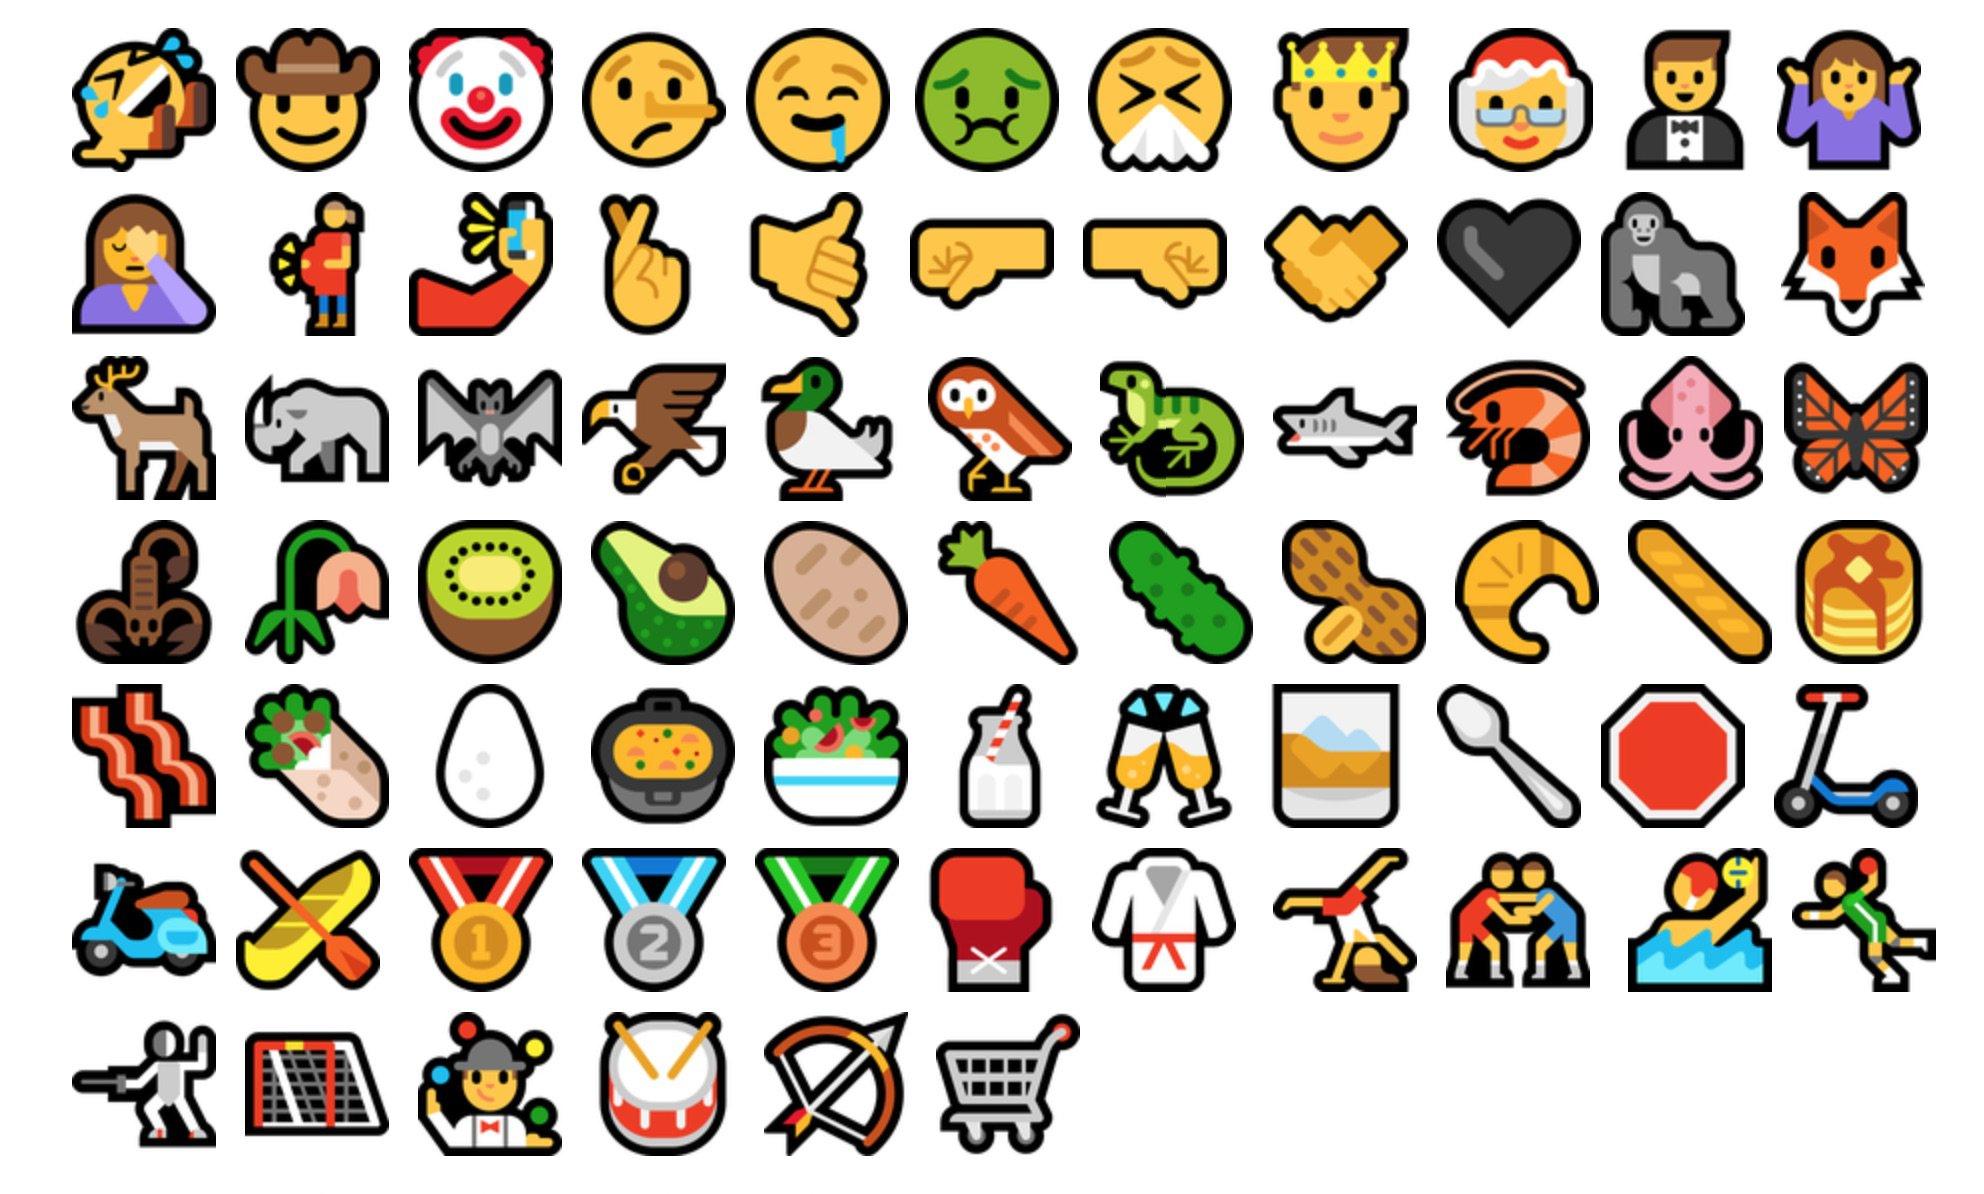 2016 Emoji Compatibility Checklist